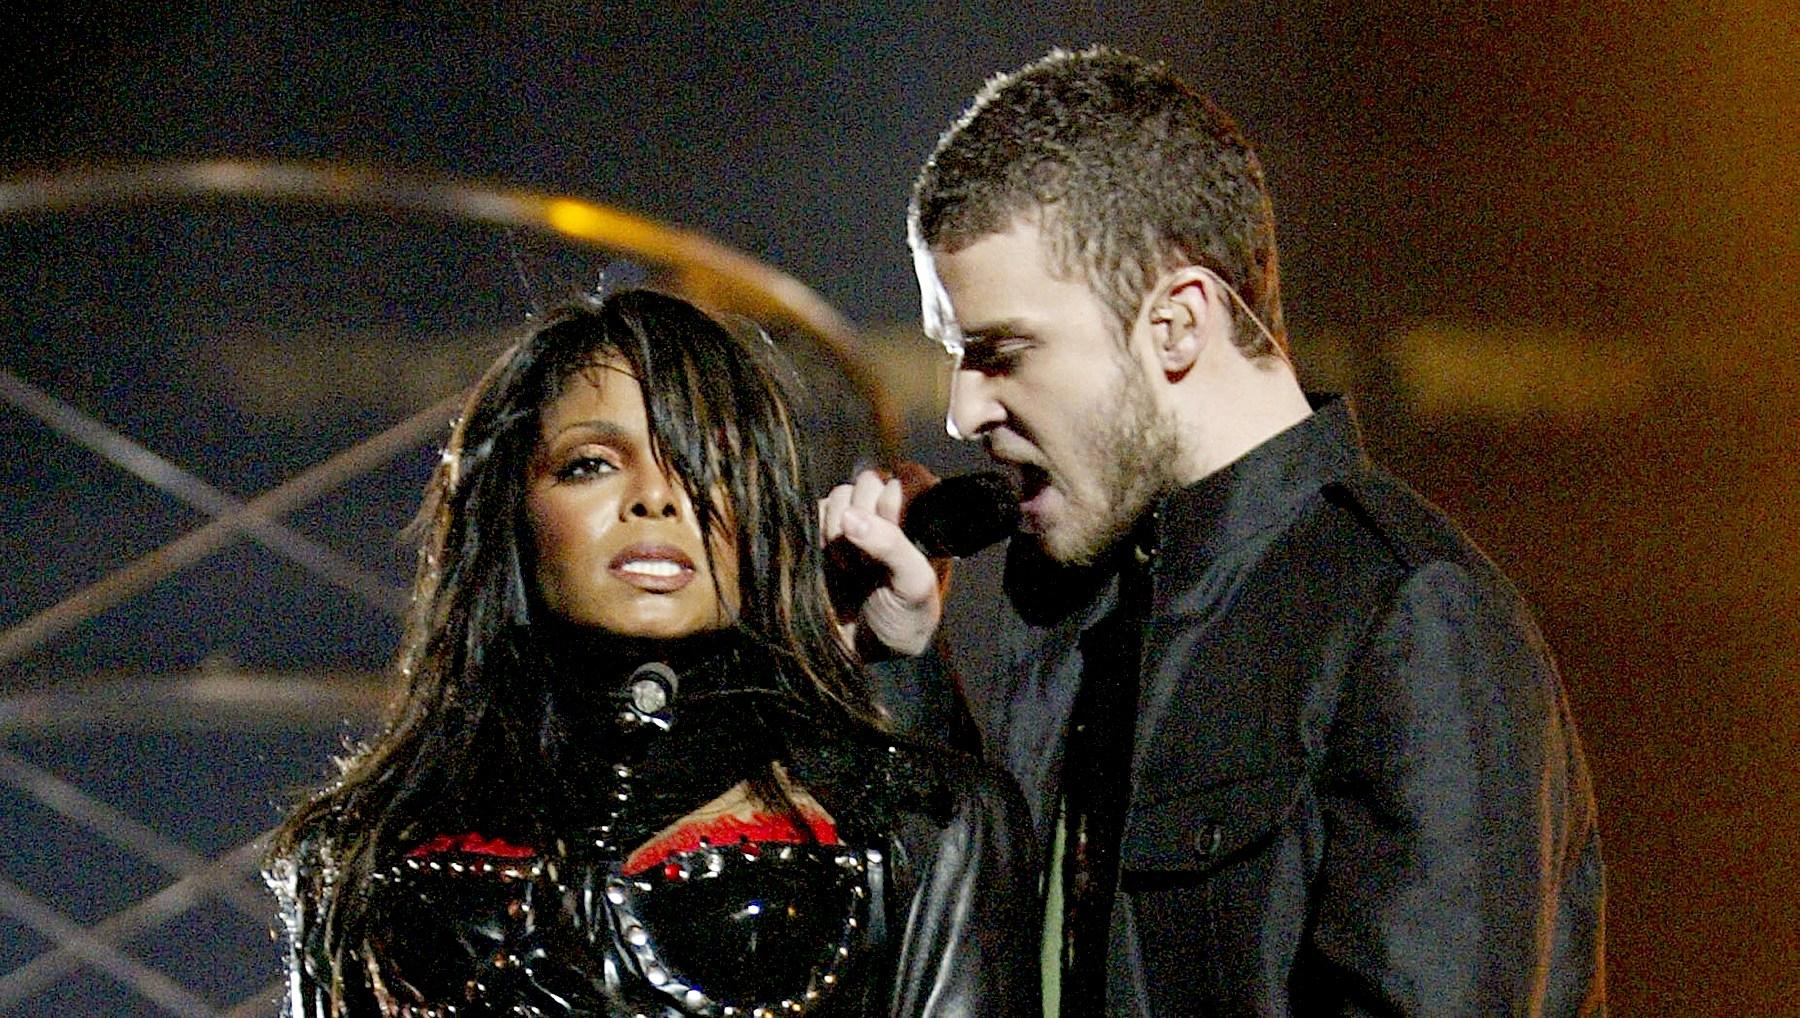 Janet-Jackson-Justin-Timberlake-Superbowl